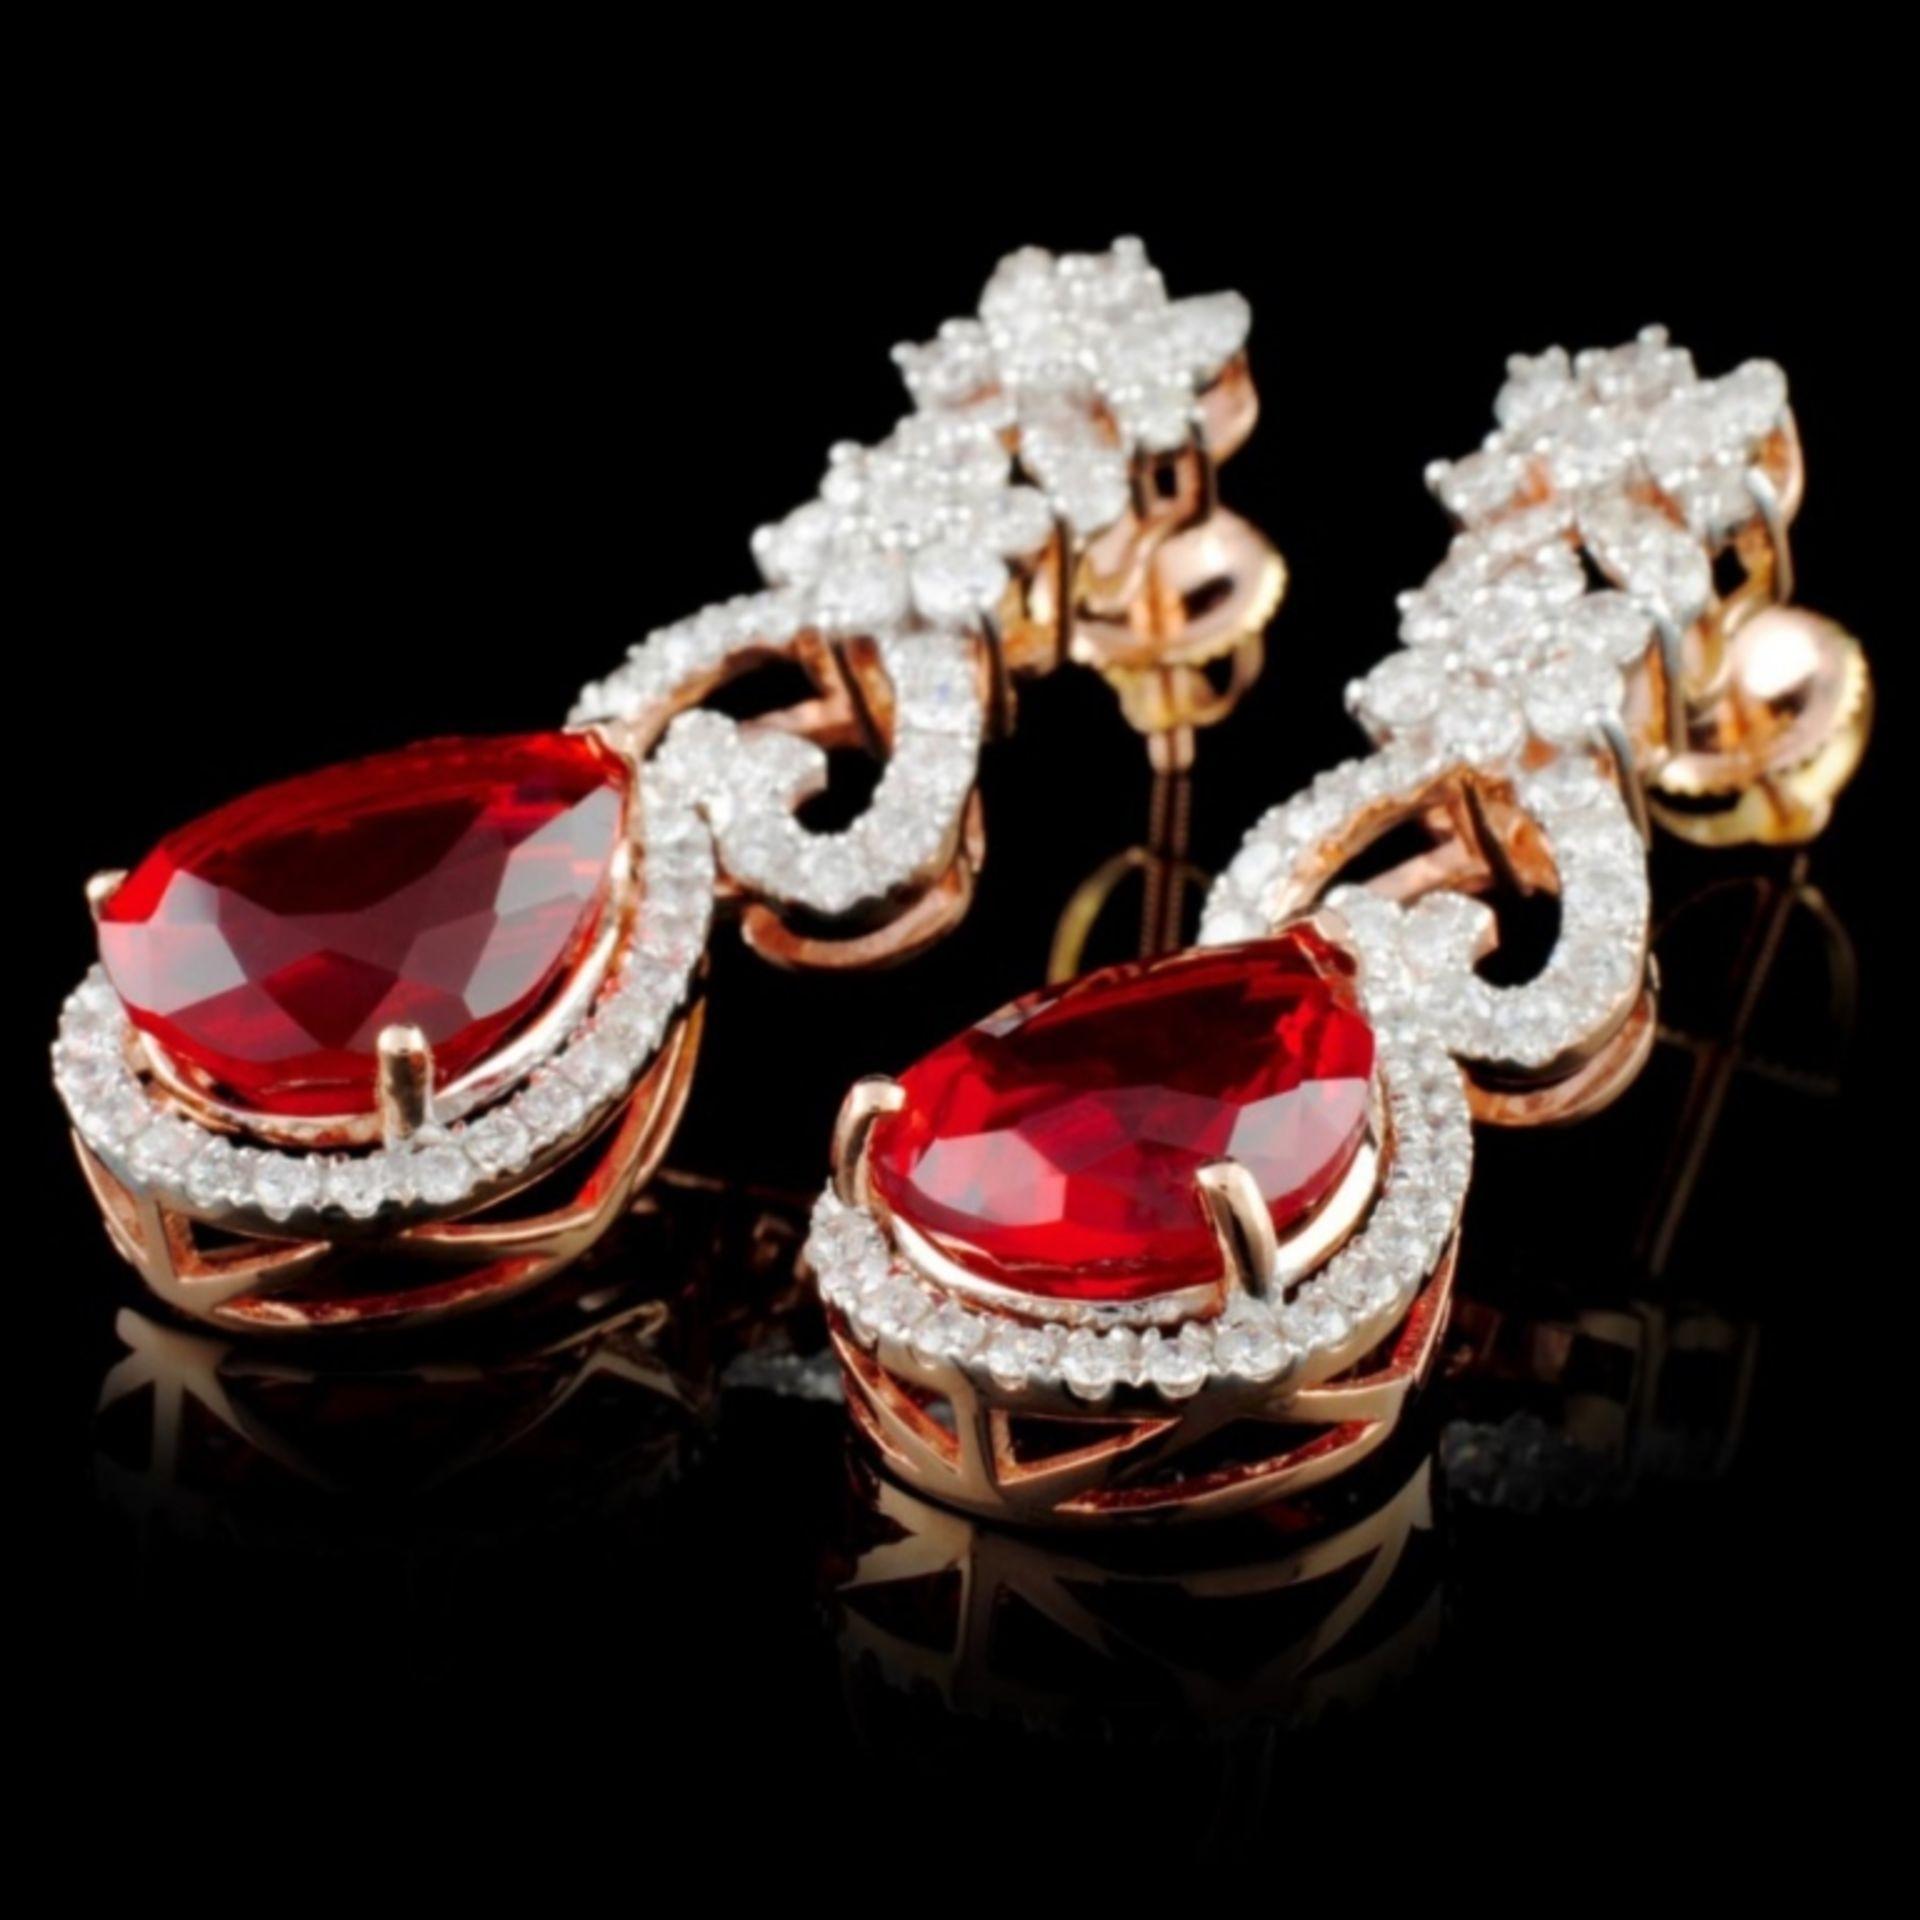 14K Gold 5.90ctw Fire Opal & 2.10ctw Diamond Earri - Image 2 of 3